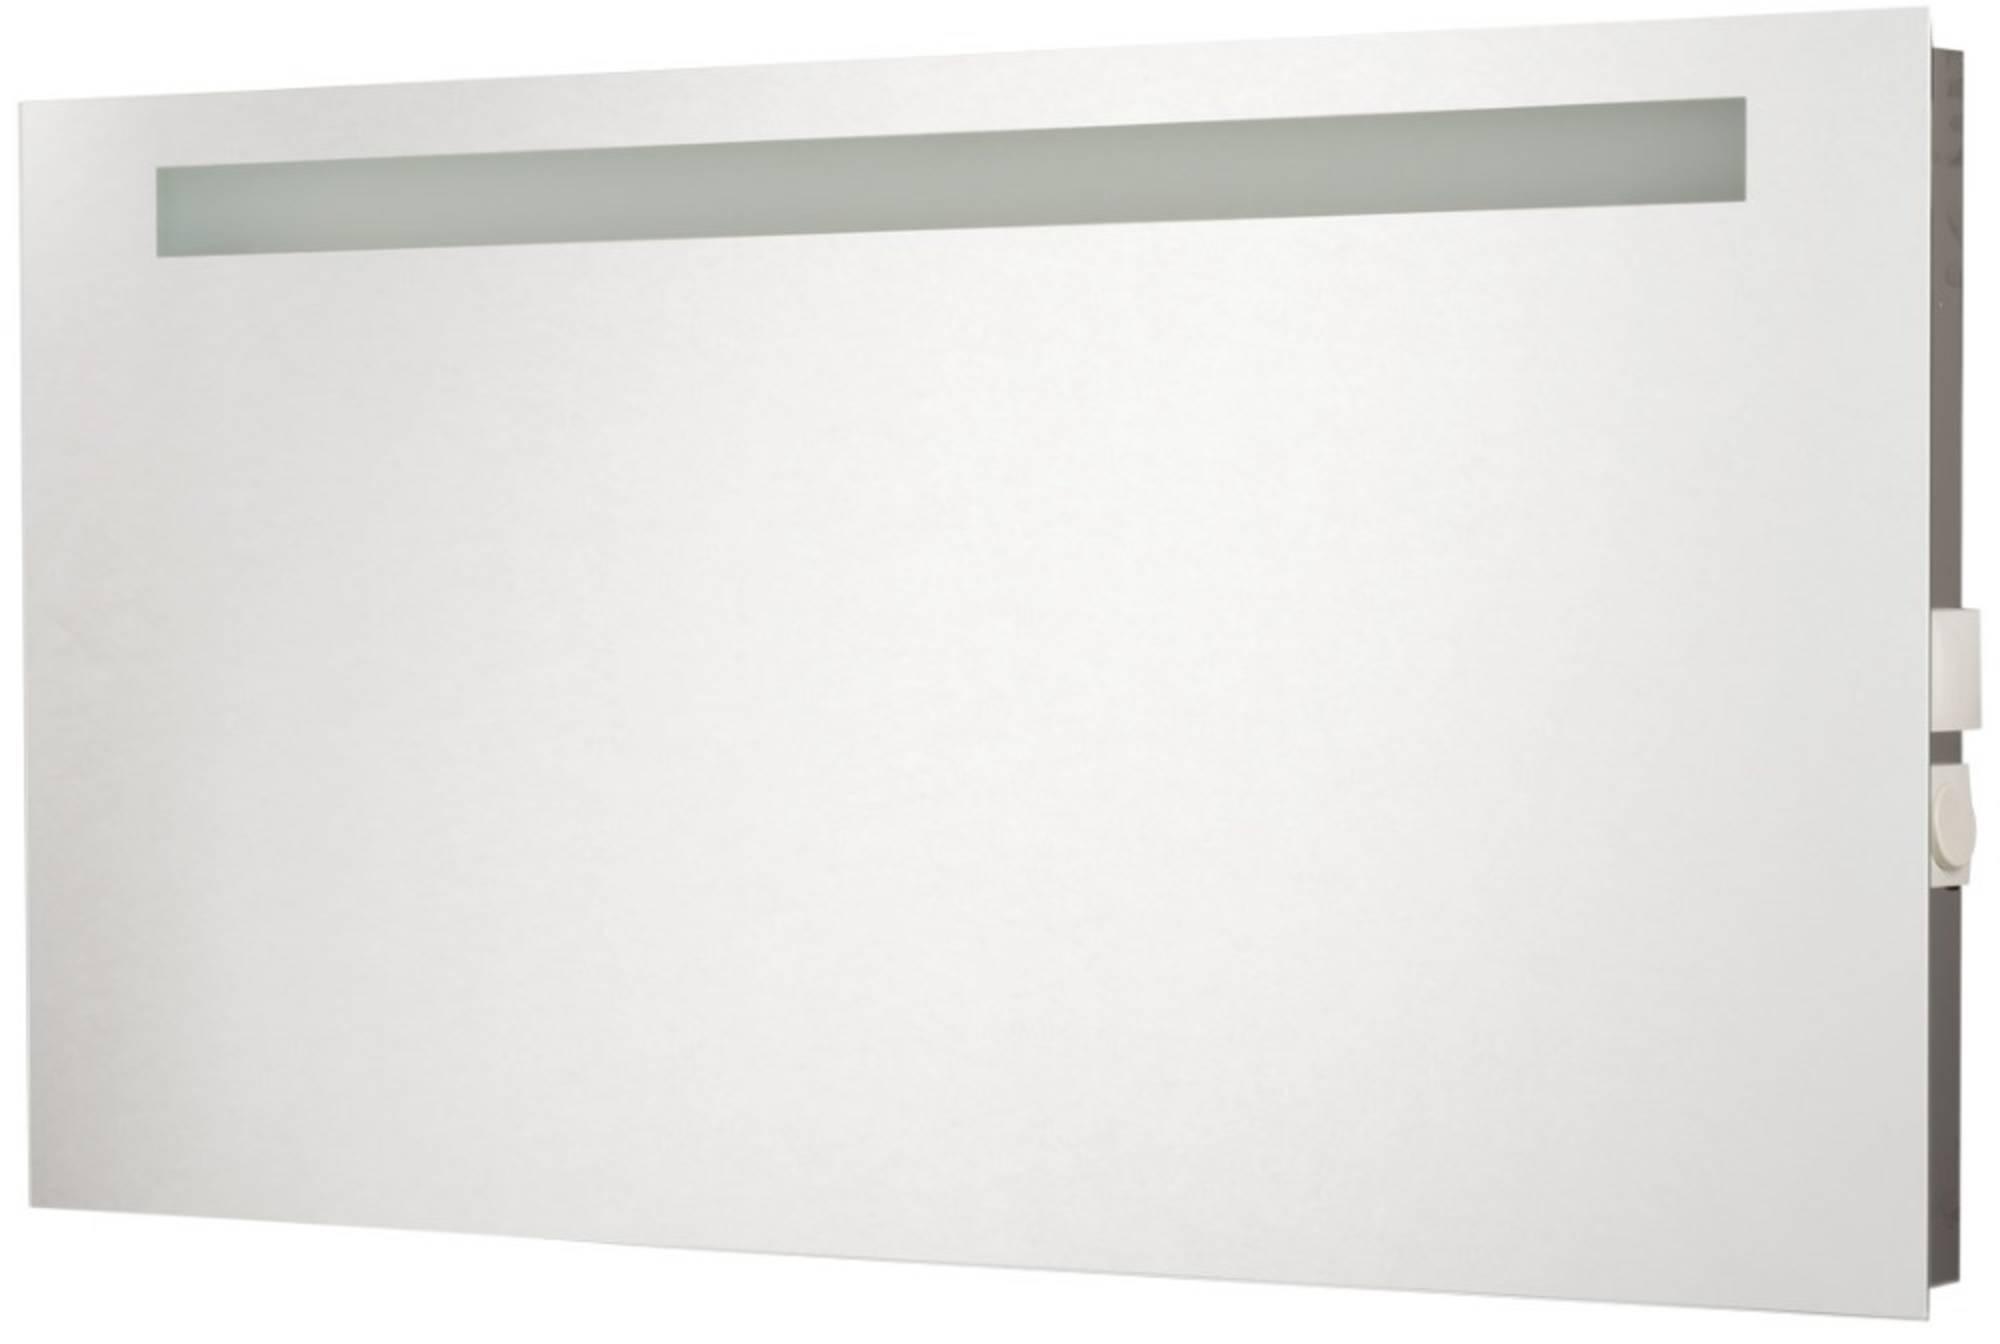 Ben Vario Stia spiegel met LED verlichting en stopcontact/schakelaar 120x65cm